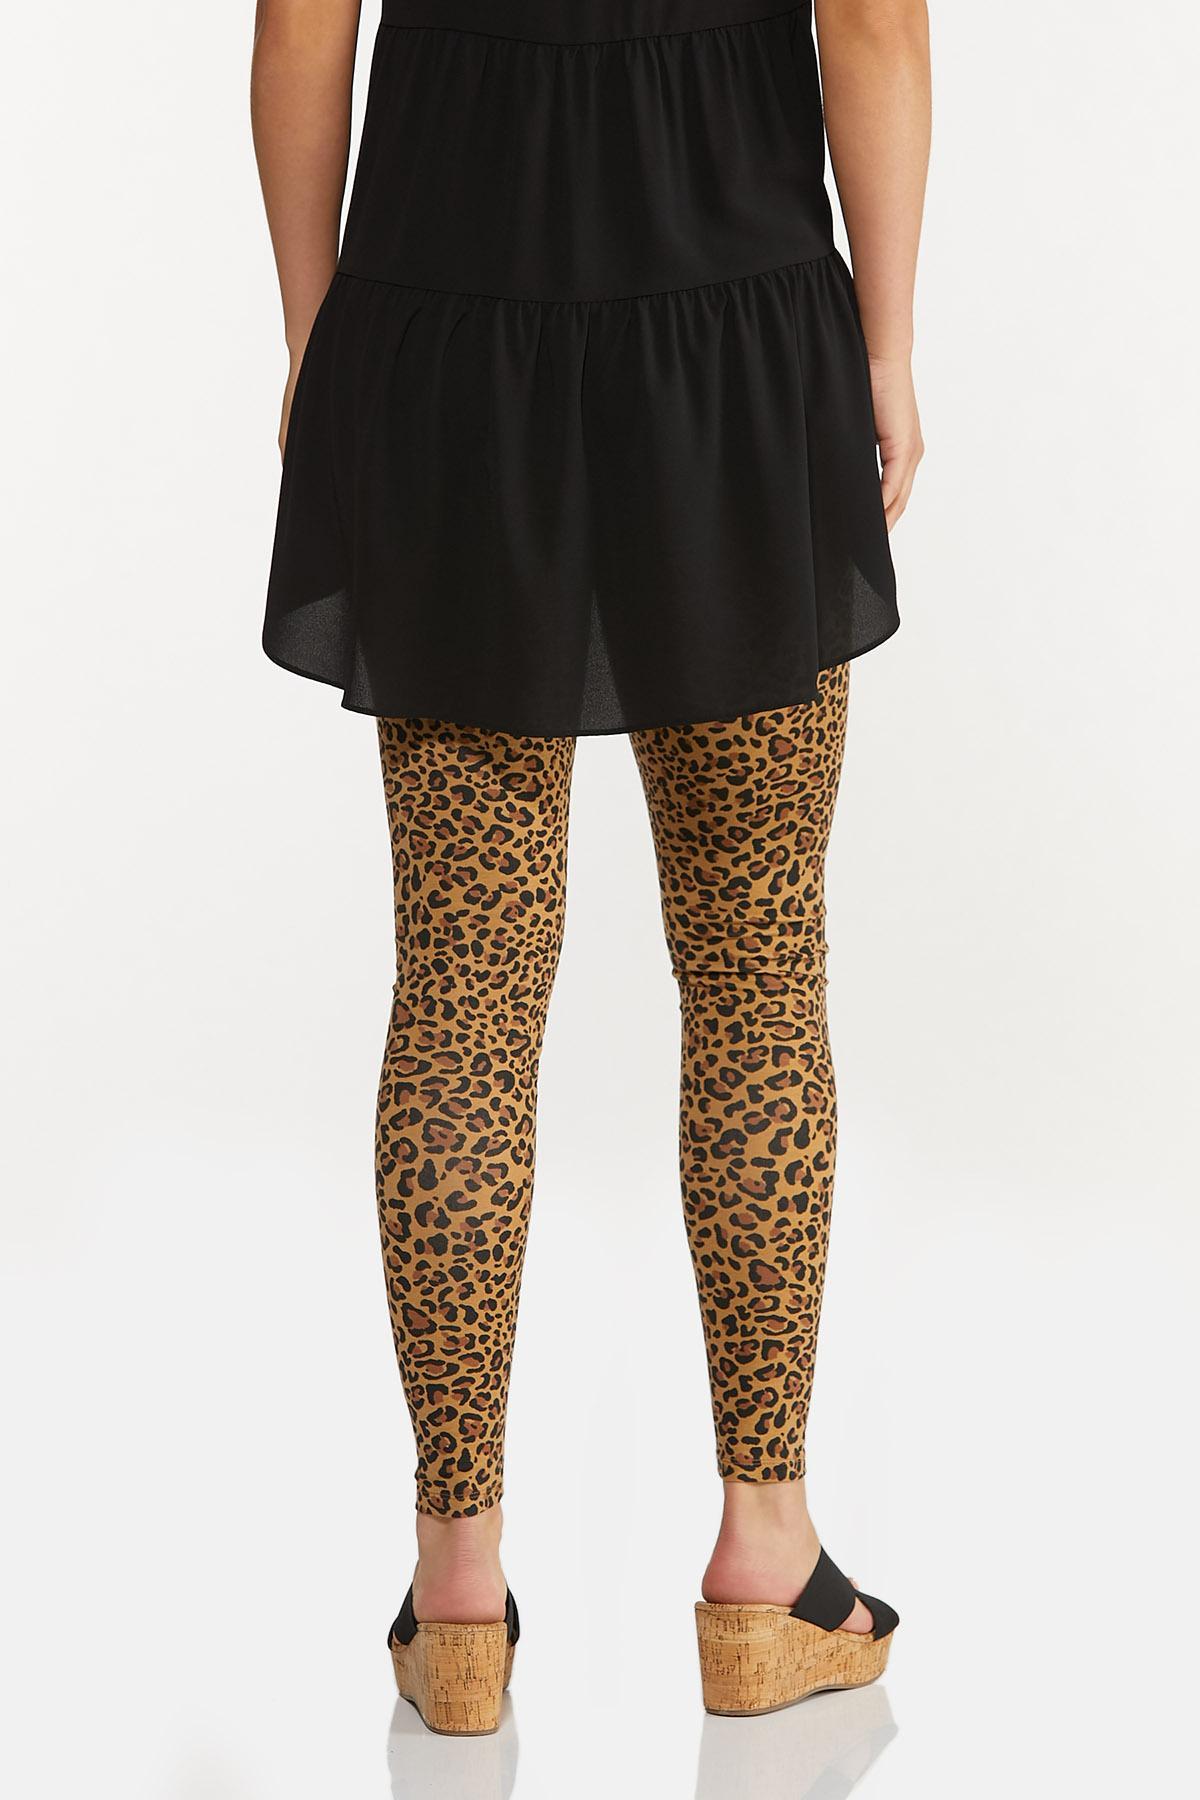 Leopard Leggings (Item #44618292)